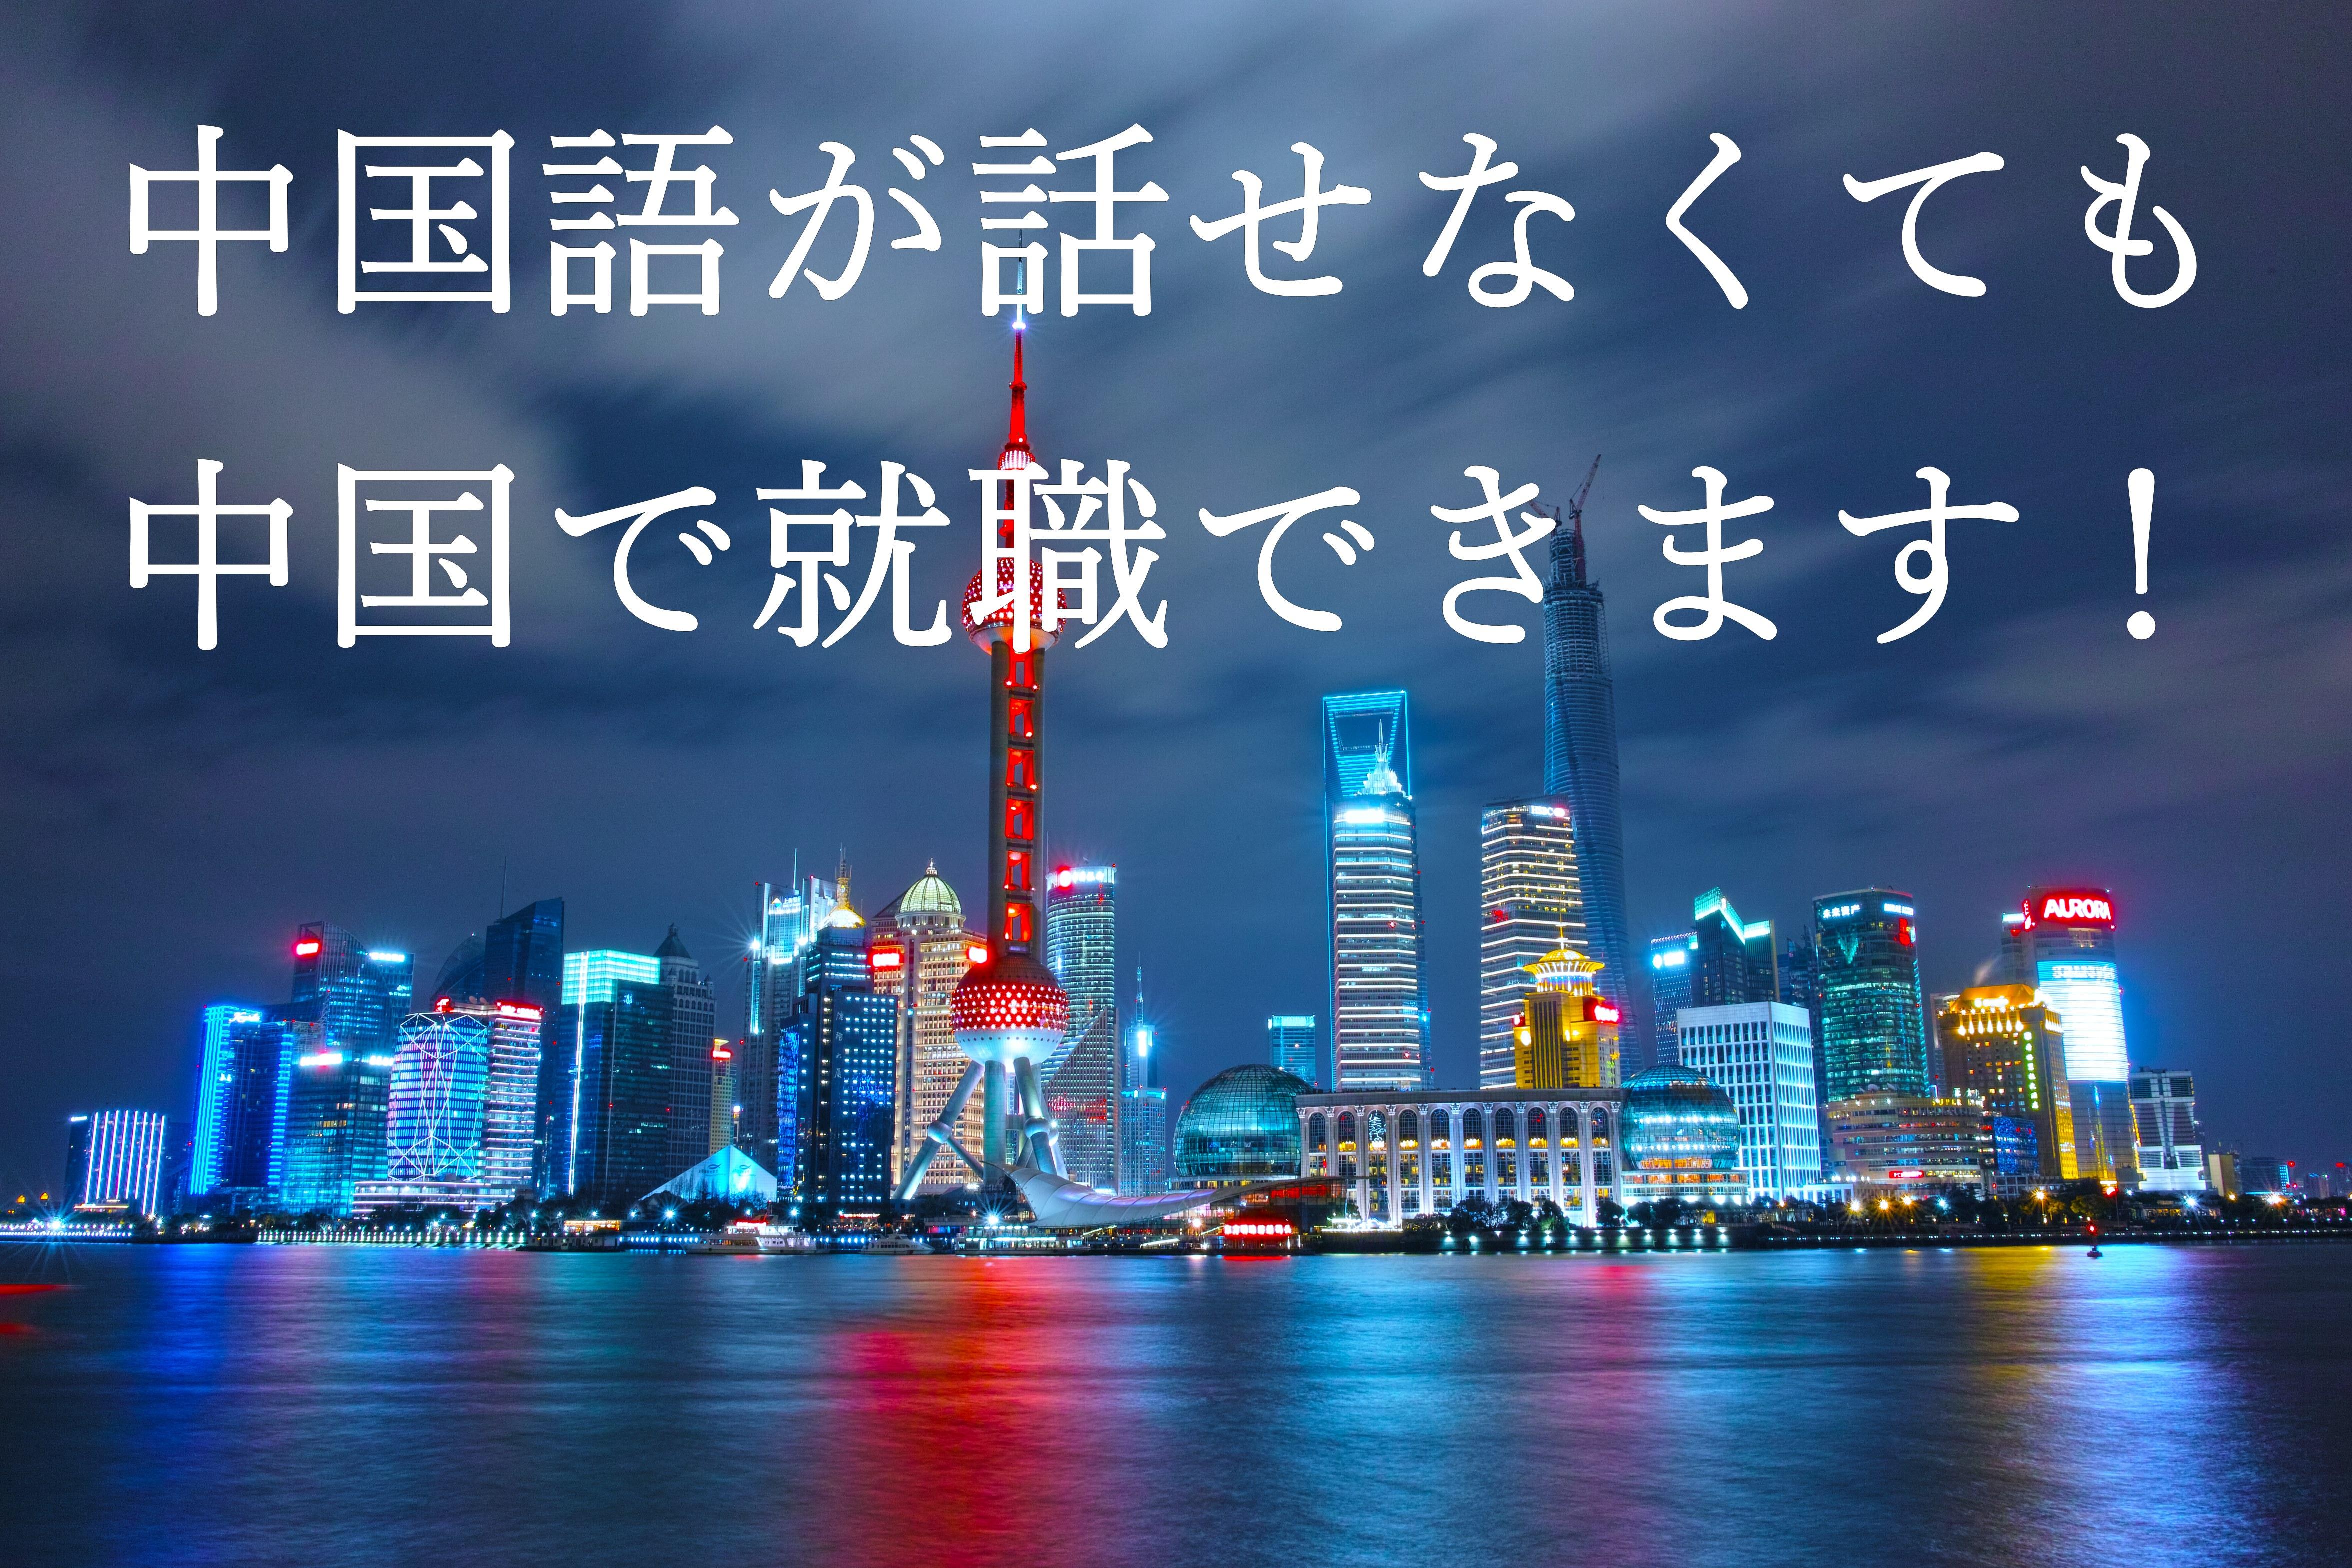 中国語話せない人が中国での仕事探しは可能かを教えます